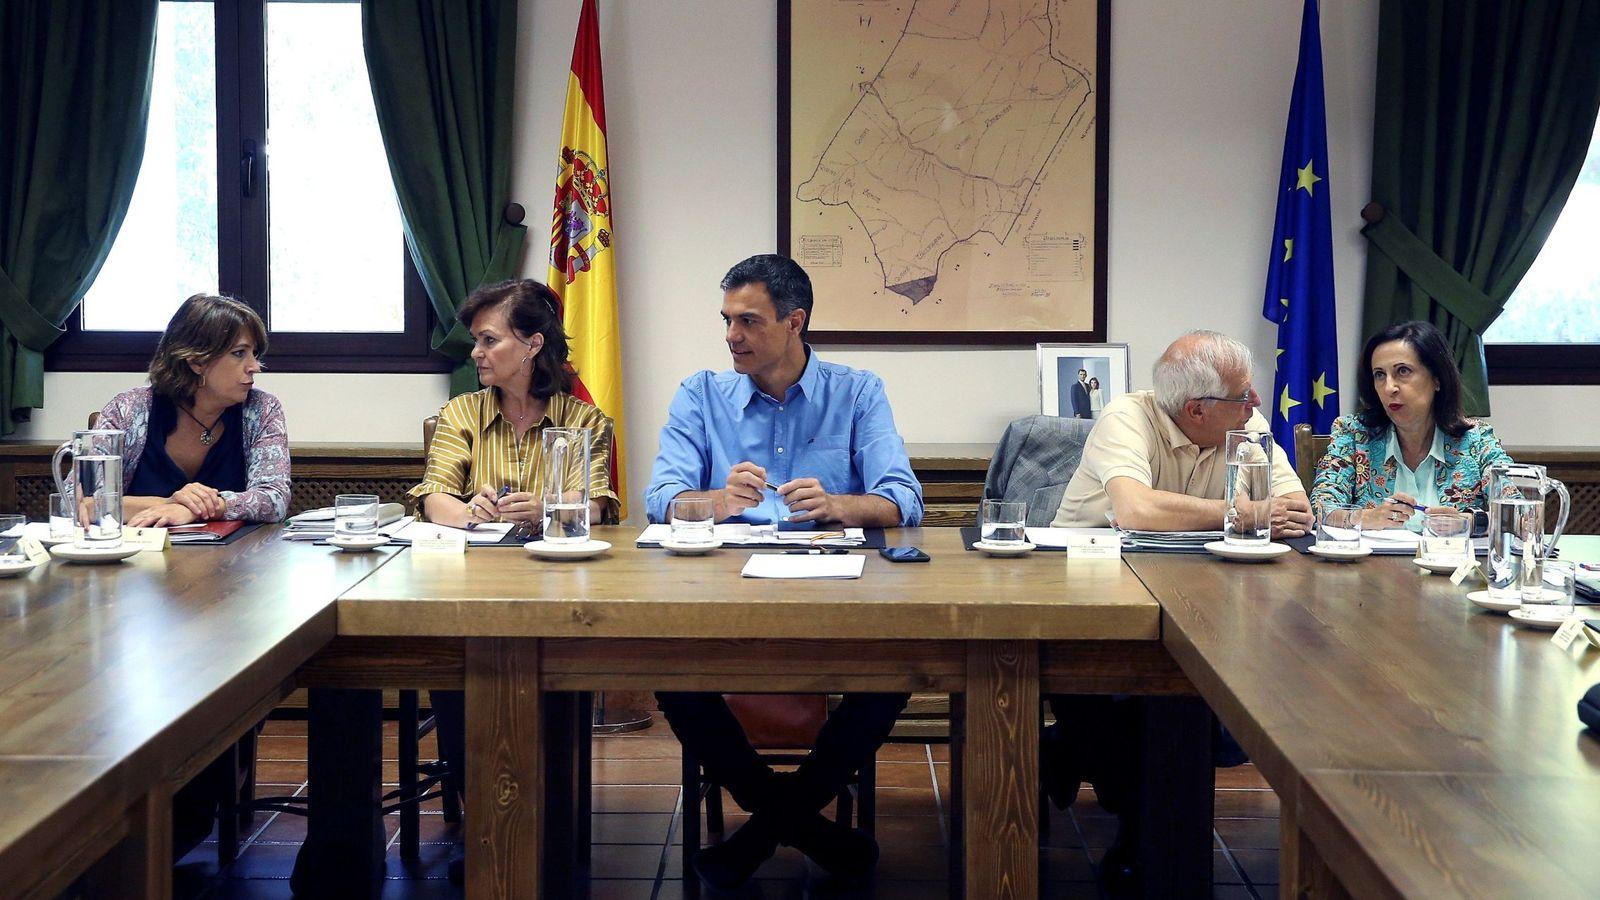 Foto: Fotografía facilitada por Presidencia del Gobierno, del presidente del Gobierno, Pedro Sánchez con su equipo. (EFE)